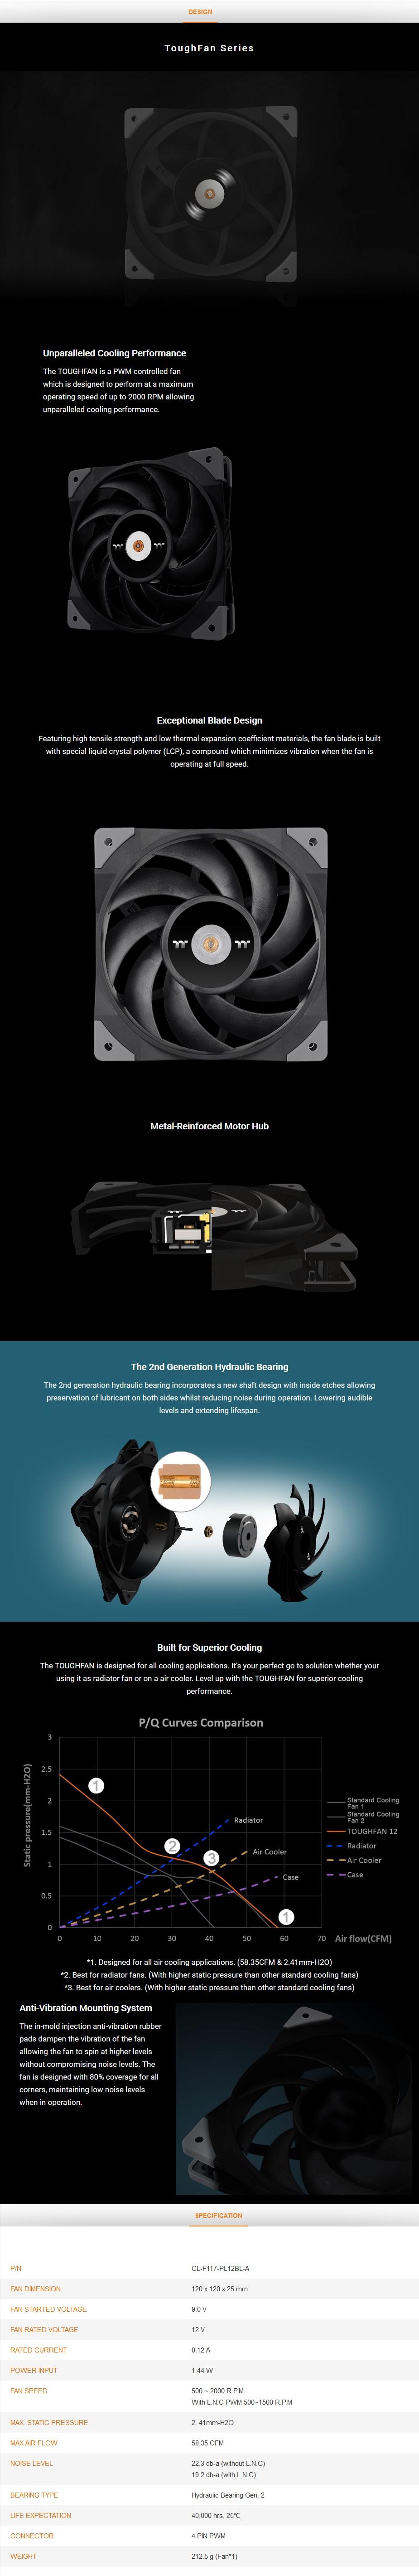 Thermaltake TOUGHFAN 12 120mm High Static Pressure Radiator Fan (Single Fan) - Overview 1